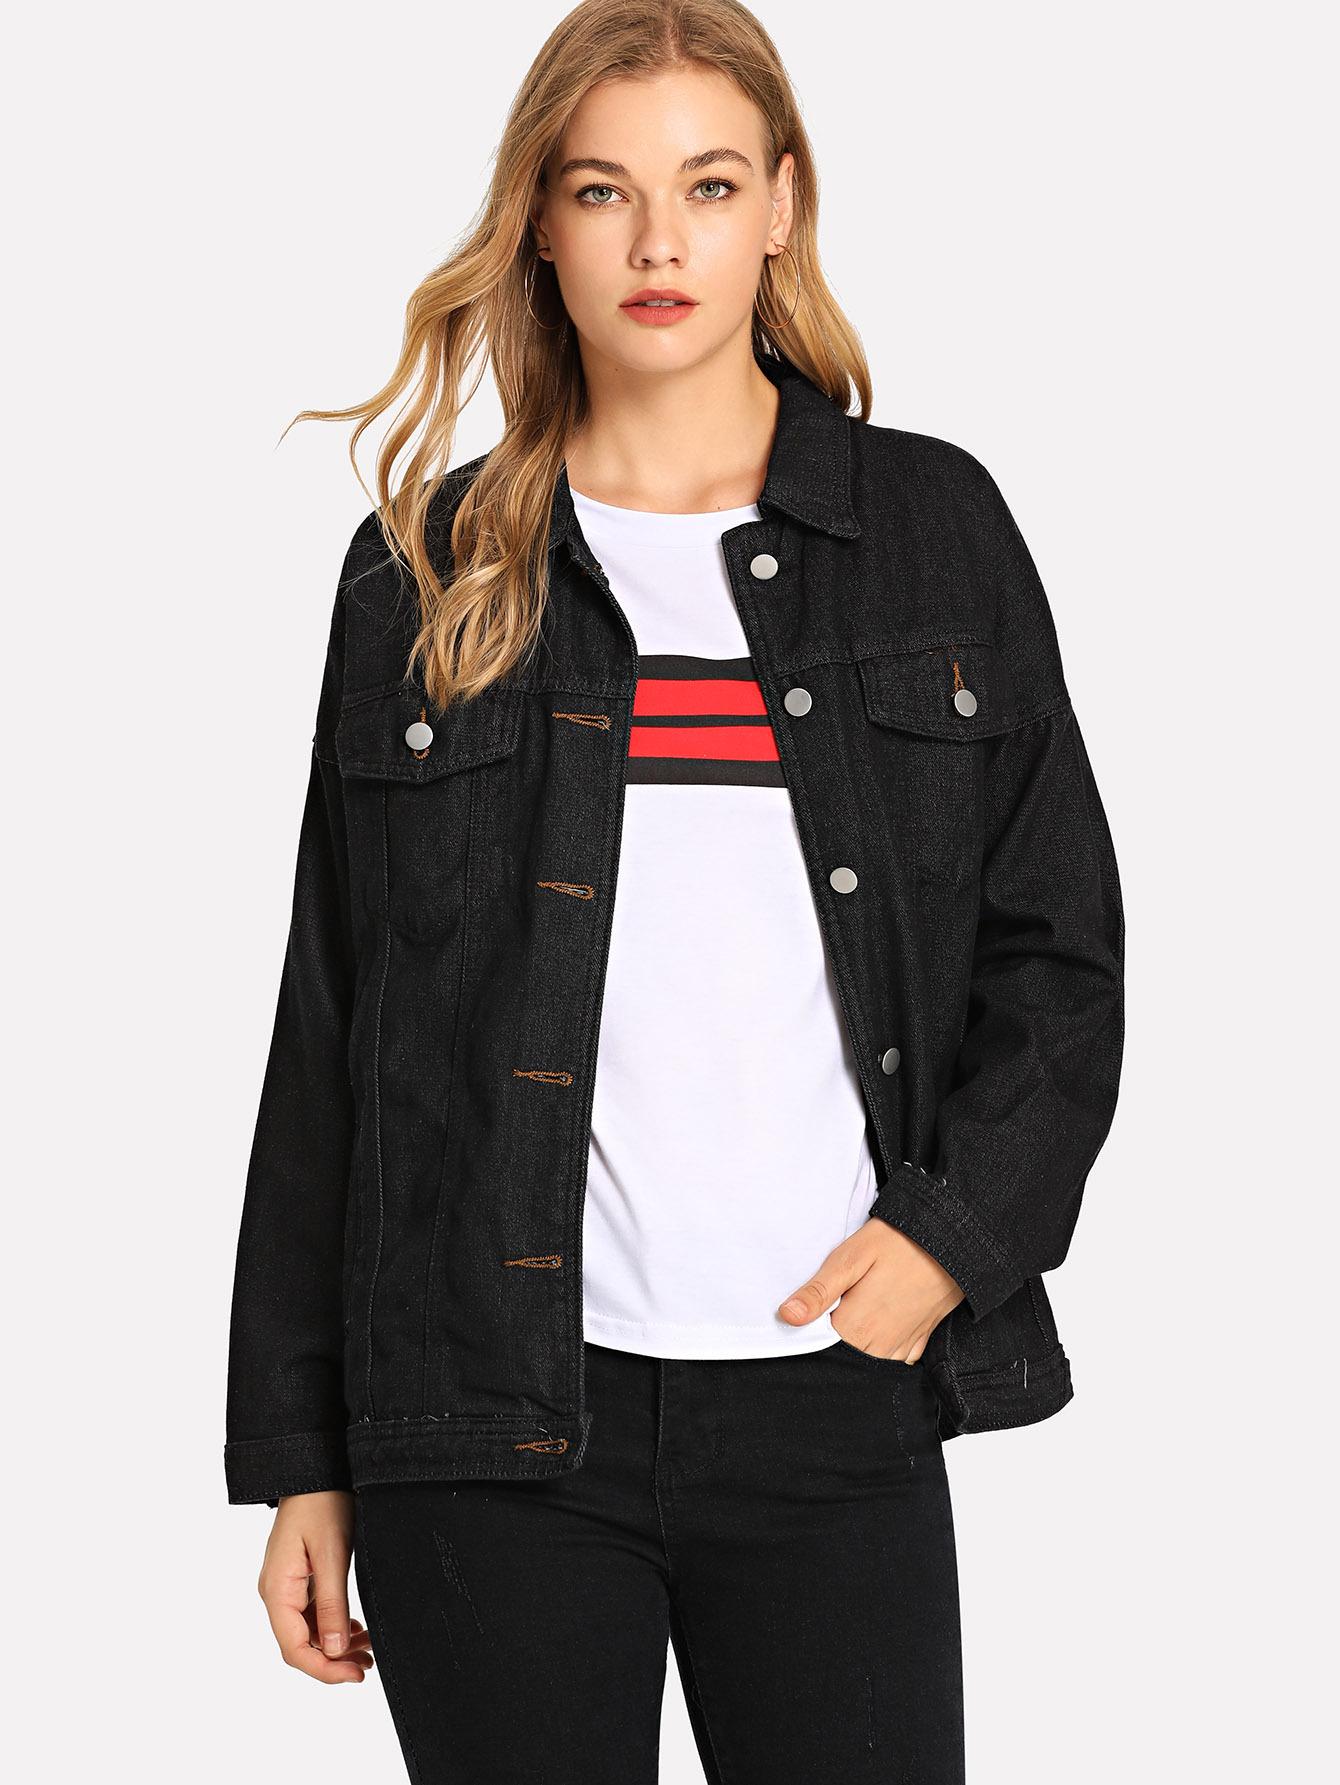 Купить Простая джинсовая куртка и с украшением пуговицы перед одежды, Teresa, SheIn